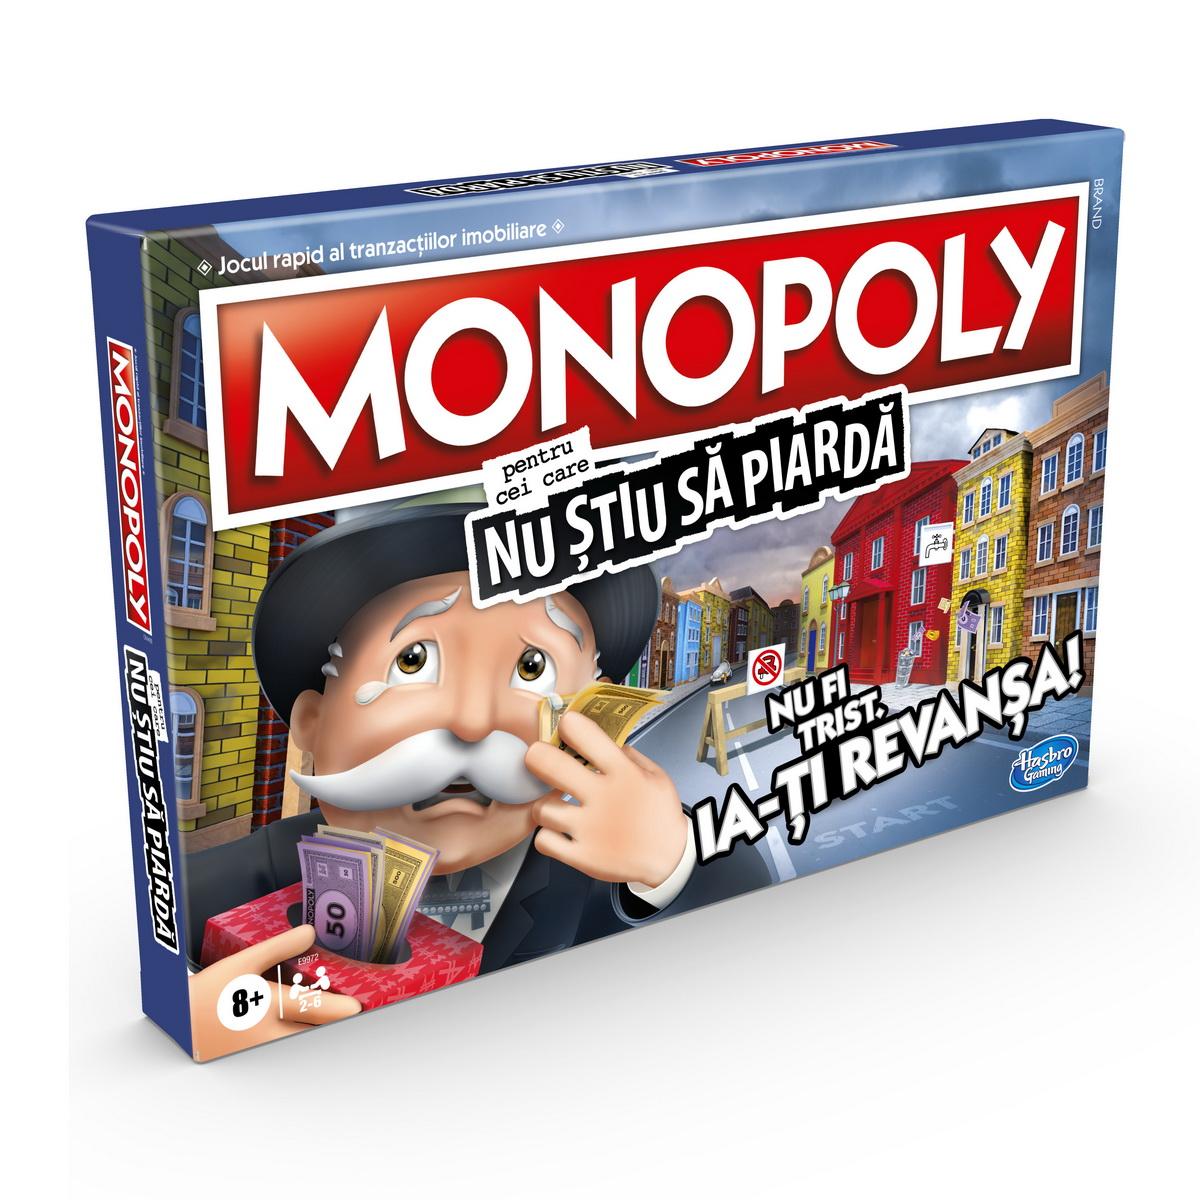 Monopoly - Pentru cei care nu stiu sa piarda | Hasbro - 6